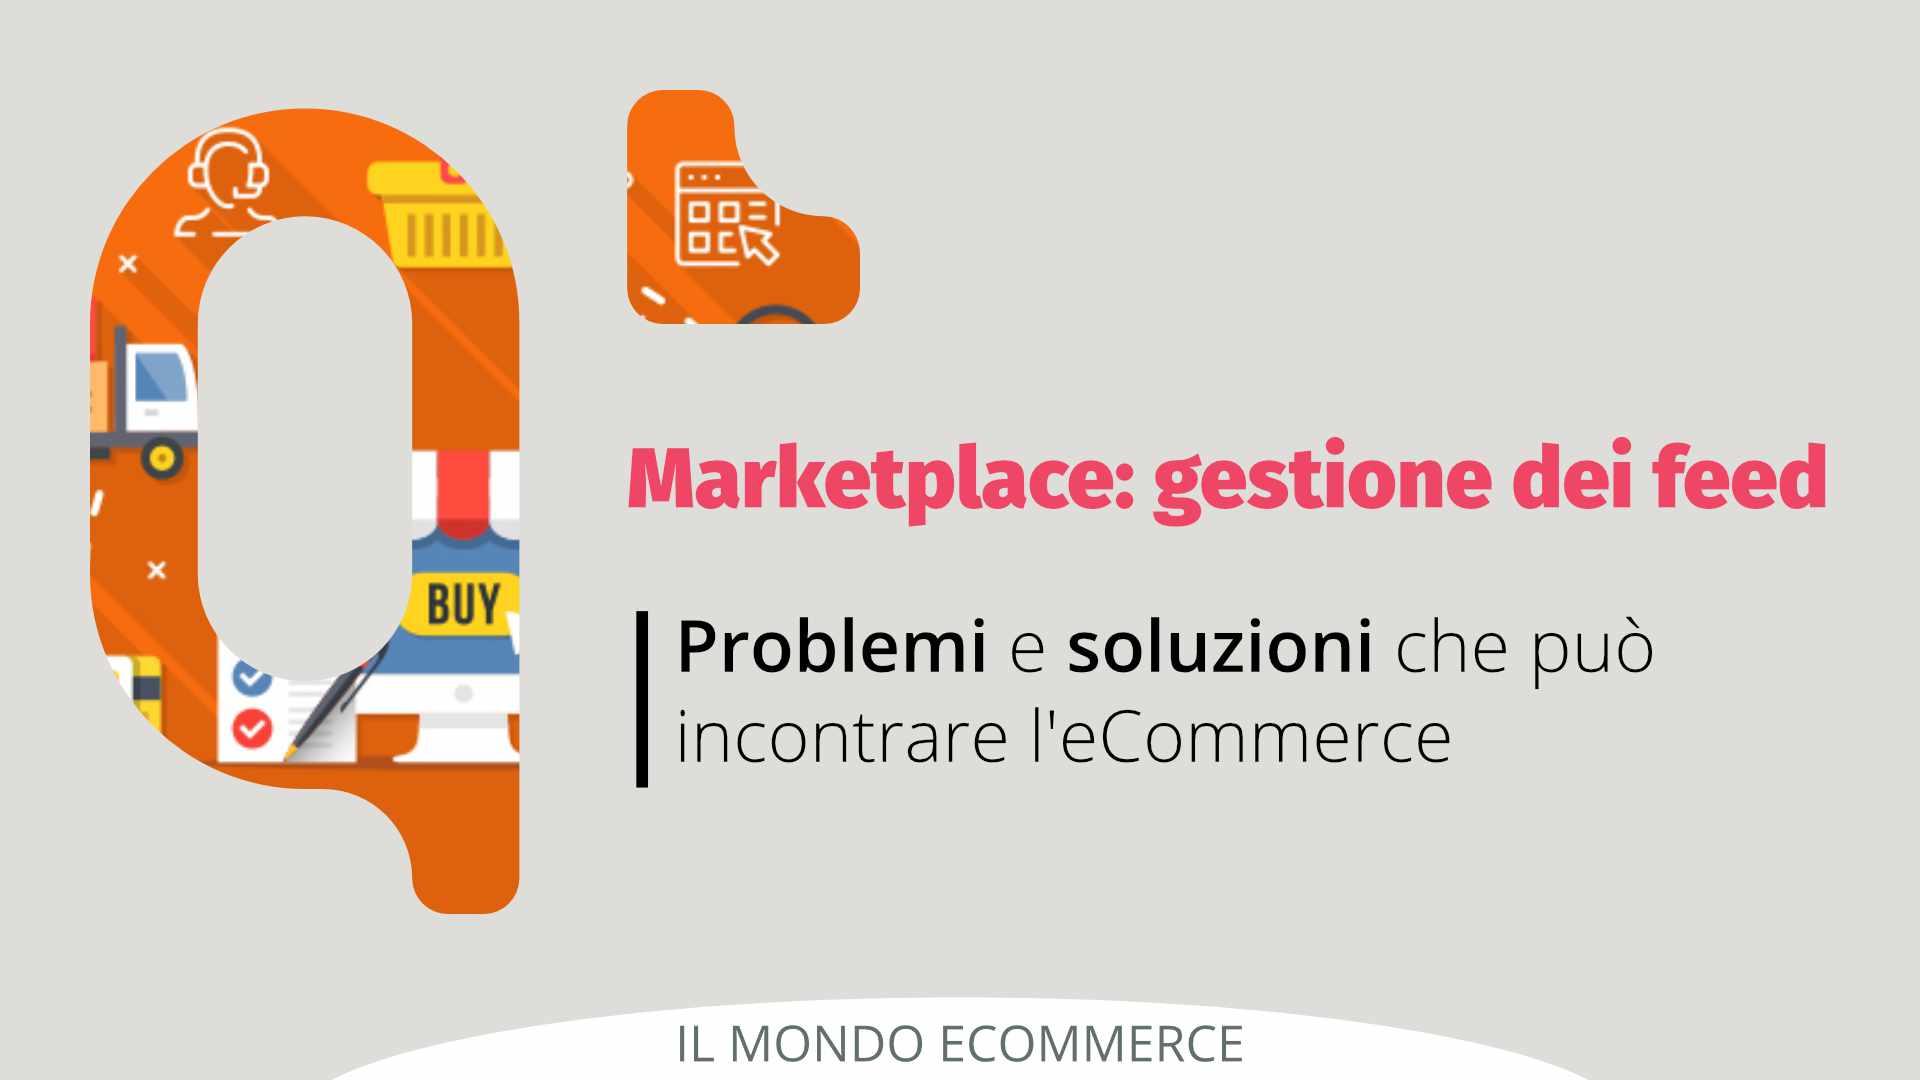 Gestione del feed: evita gli errori più comuni per vendere nei marketplace